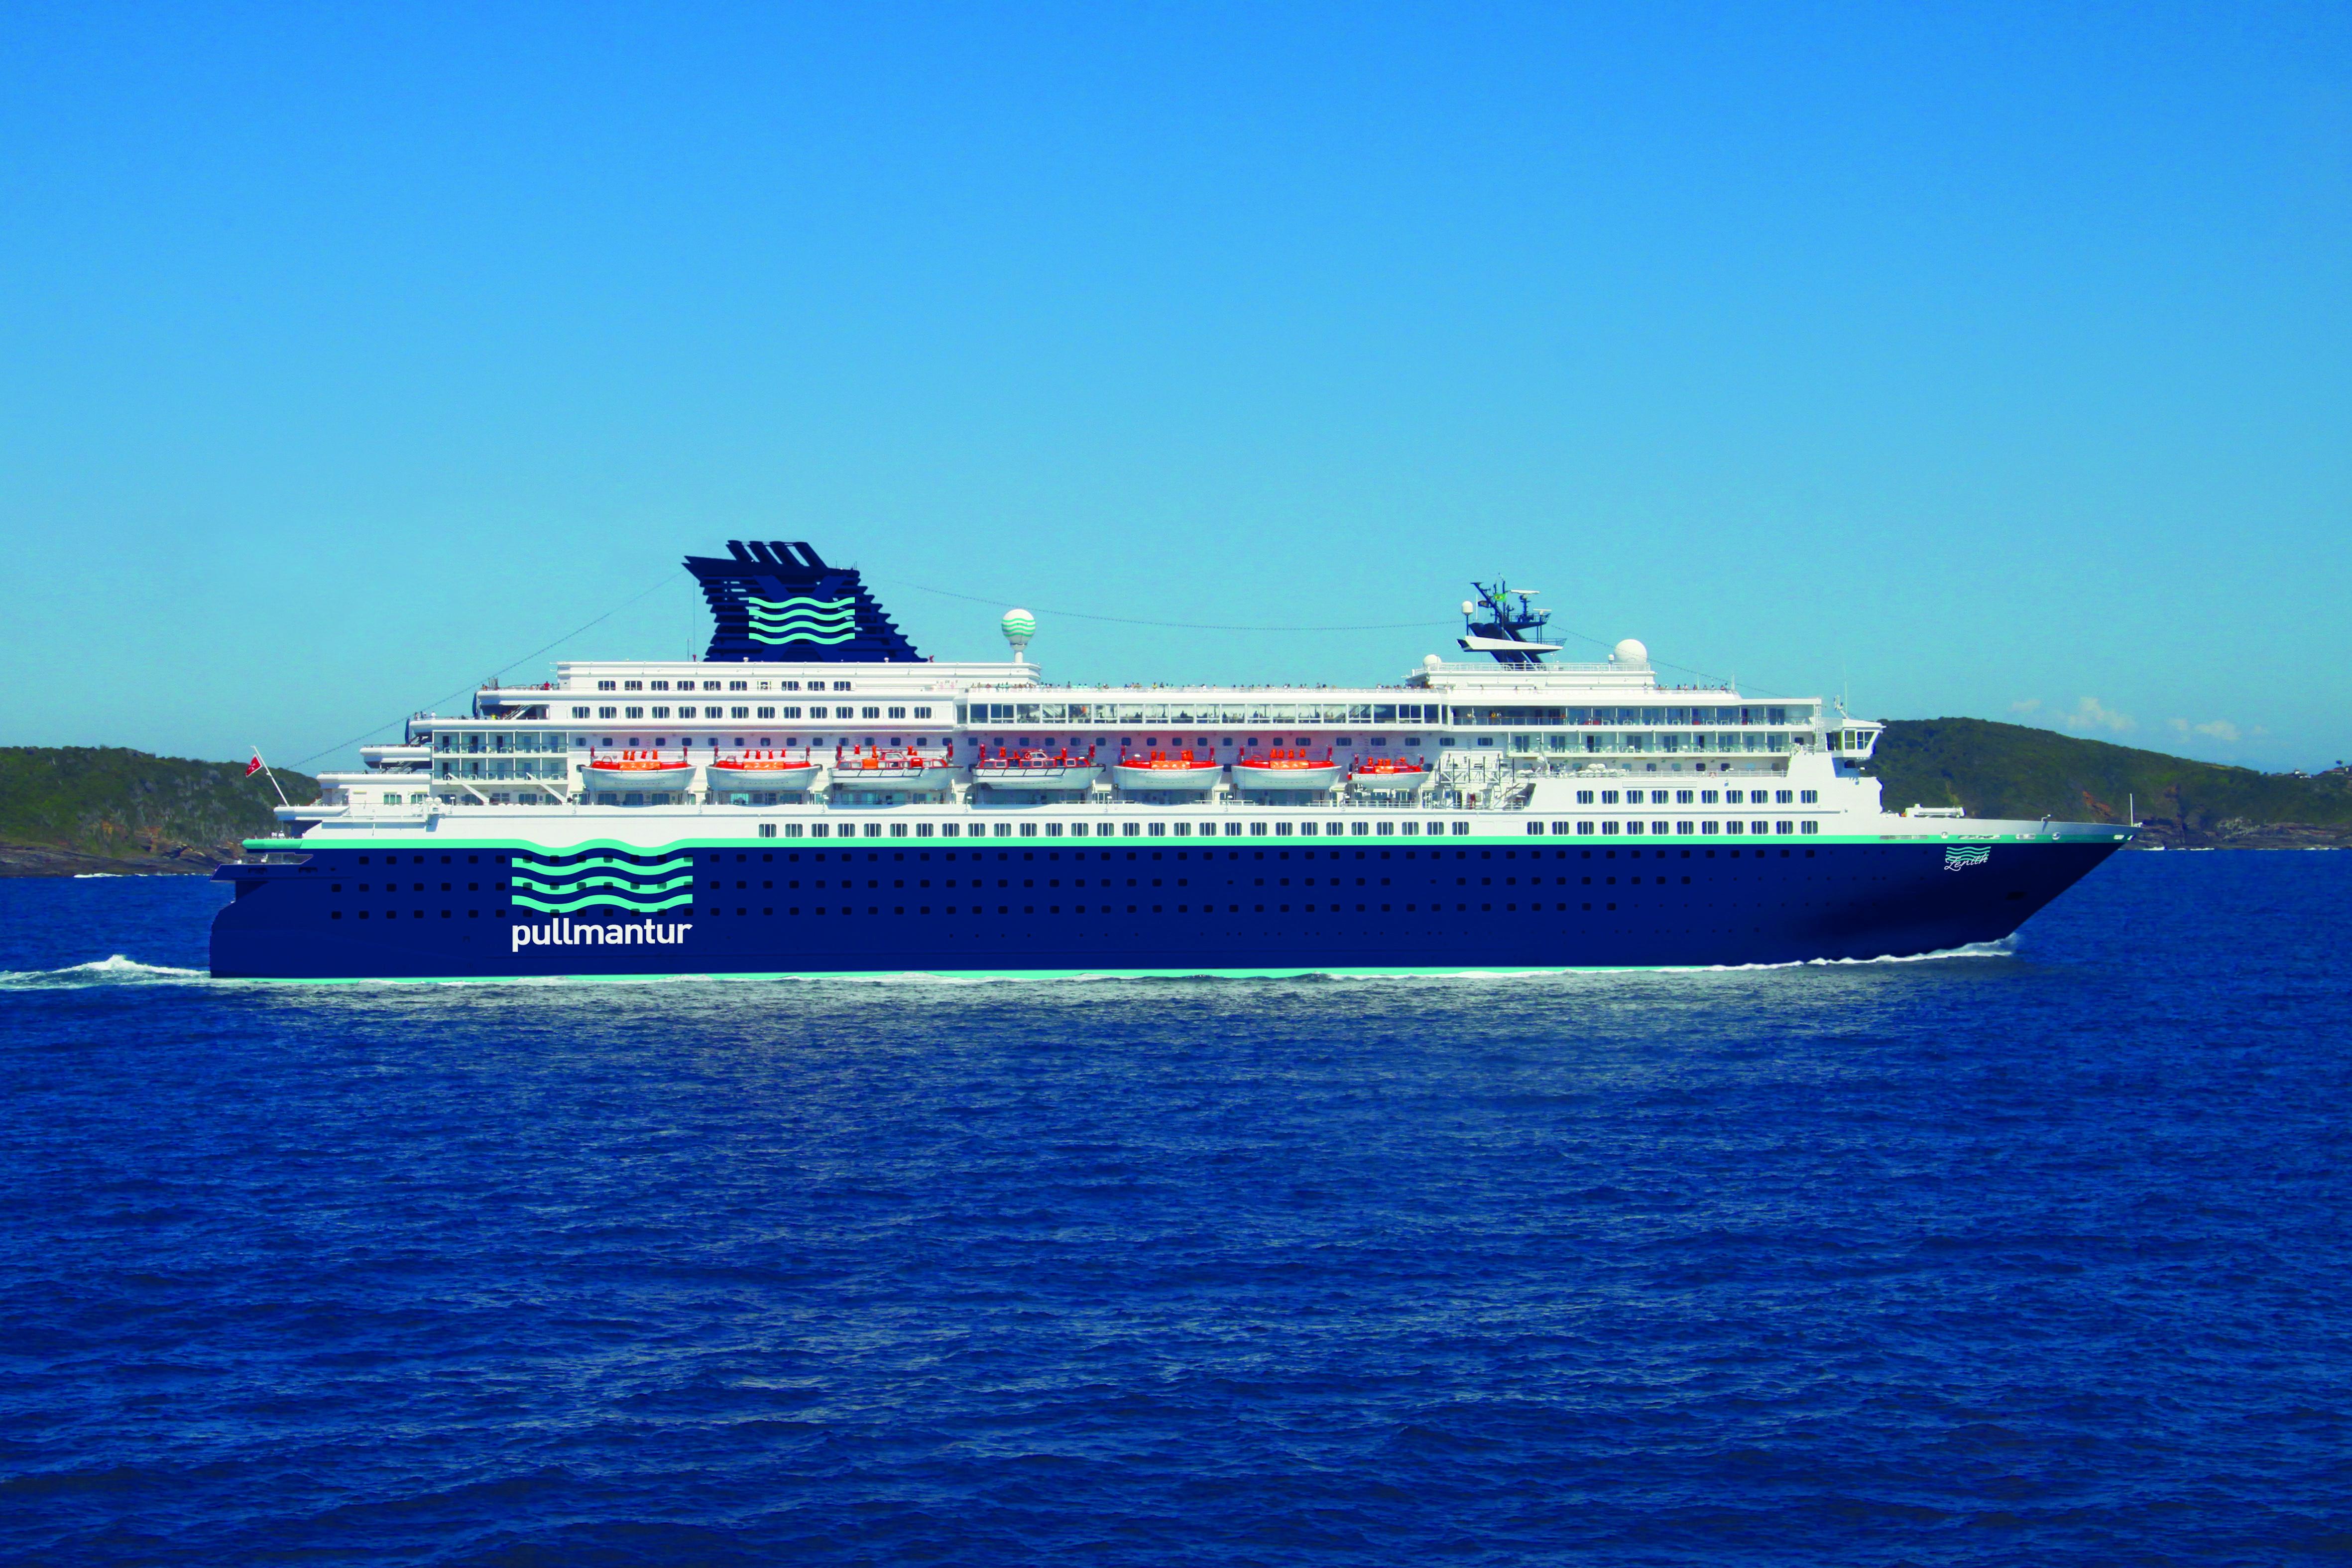 Pullmantur Cruises (www.pullmaturcruises.de) nimmt im Sommer 2020 erstmals Kurs auf Island. Im Laufe von zwei achttägigen Kreuzfahrten bietet die spanische All-inklusive-Reederei ihren Gästen spannende Erlebnisse im Land der Gletscher, Geysire und Thermalquellen. Zudem steuert die Zenith (1.828 Passagiere) auf ihrer Reise durchs Nordmeer die Färöer-Inseln an.